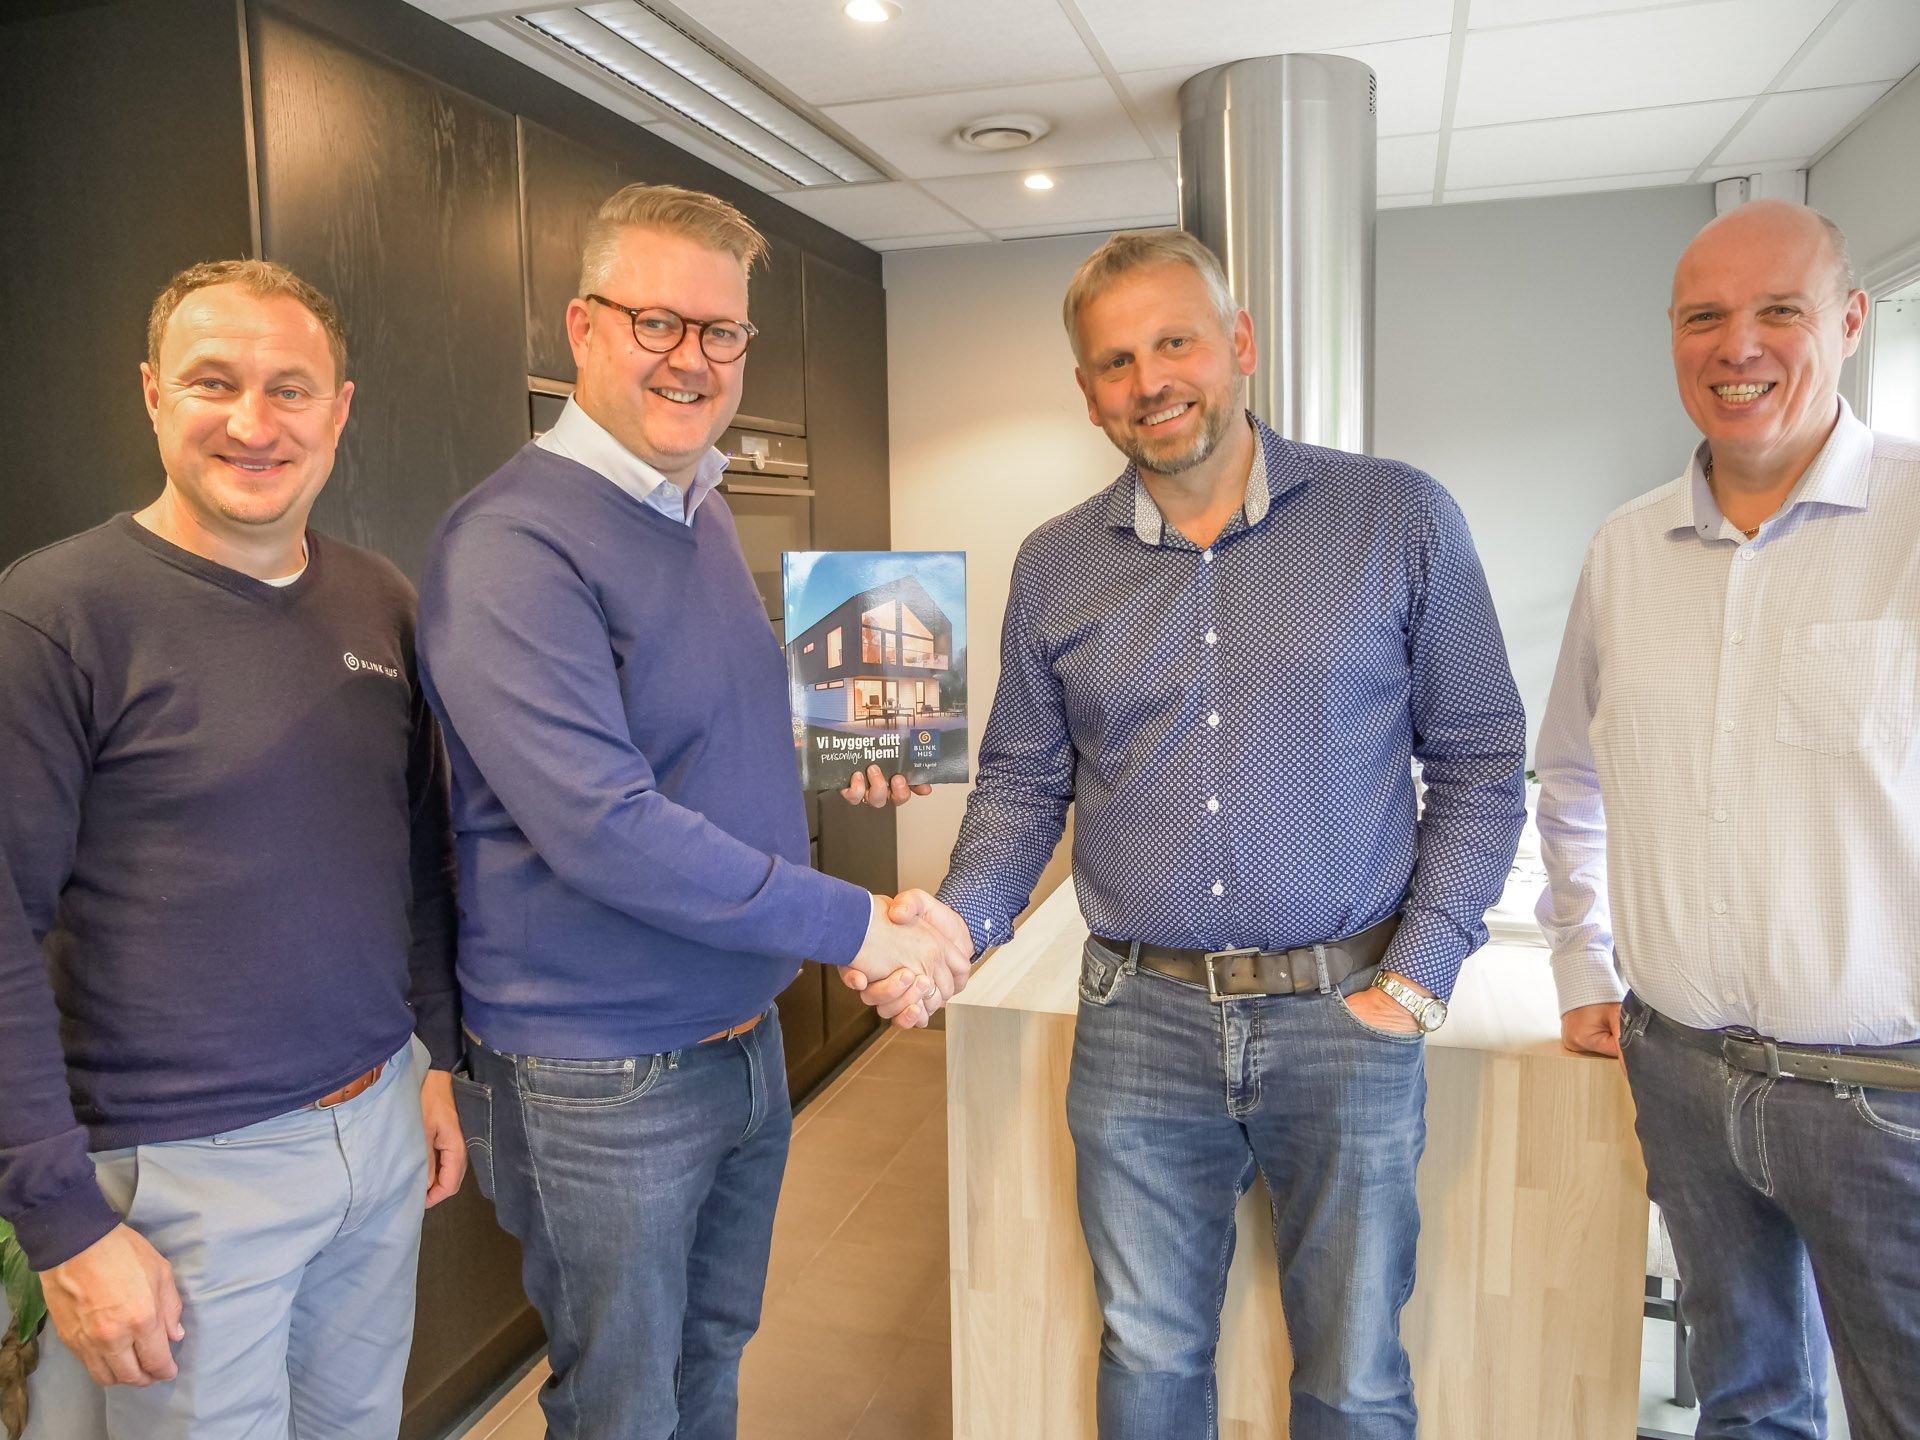 Byggmester Vallestad blir Blink Hus forhandler